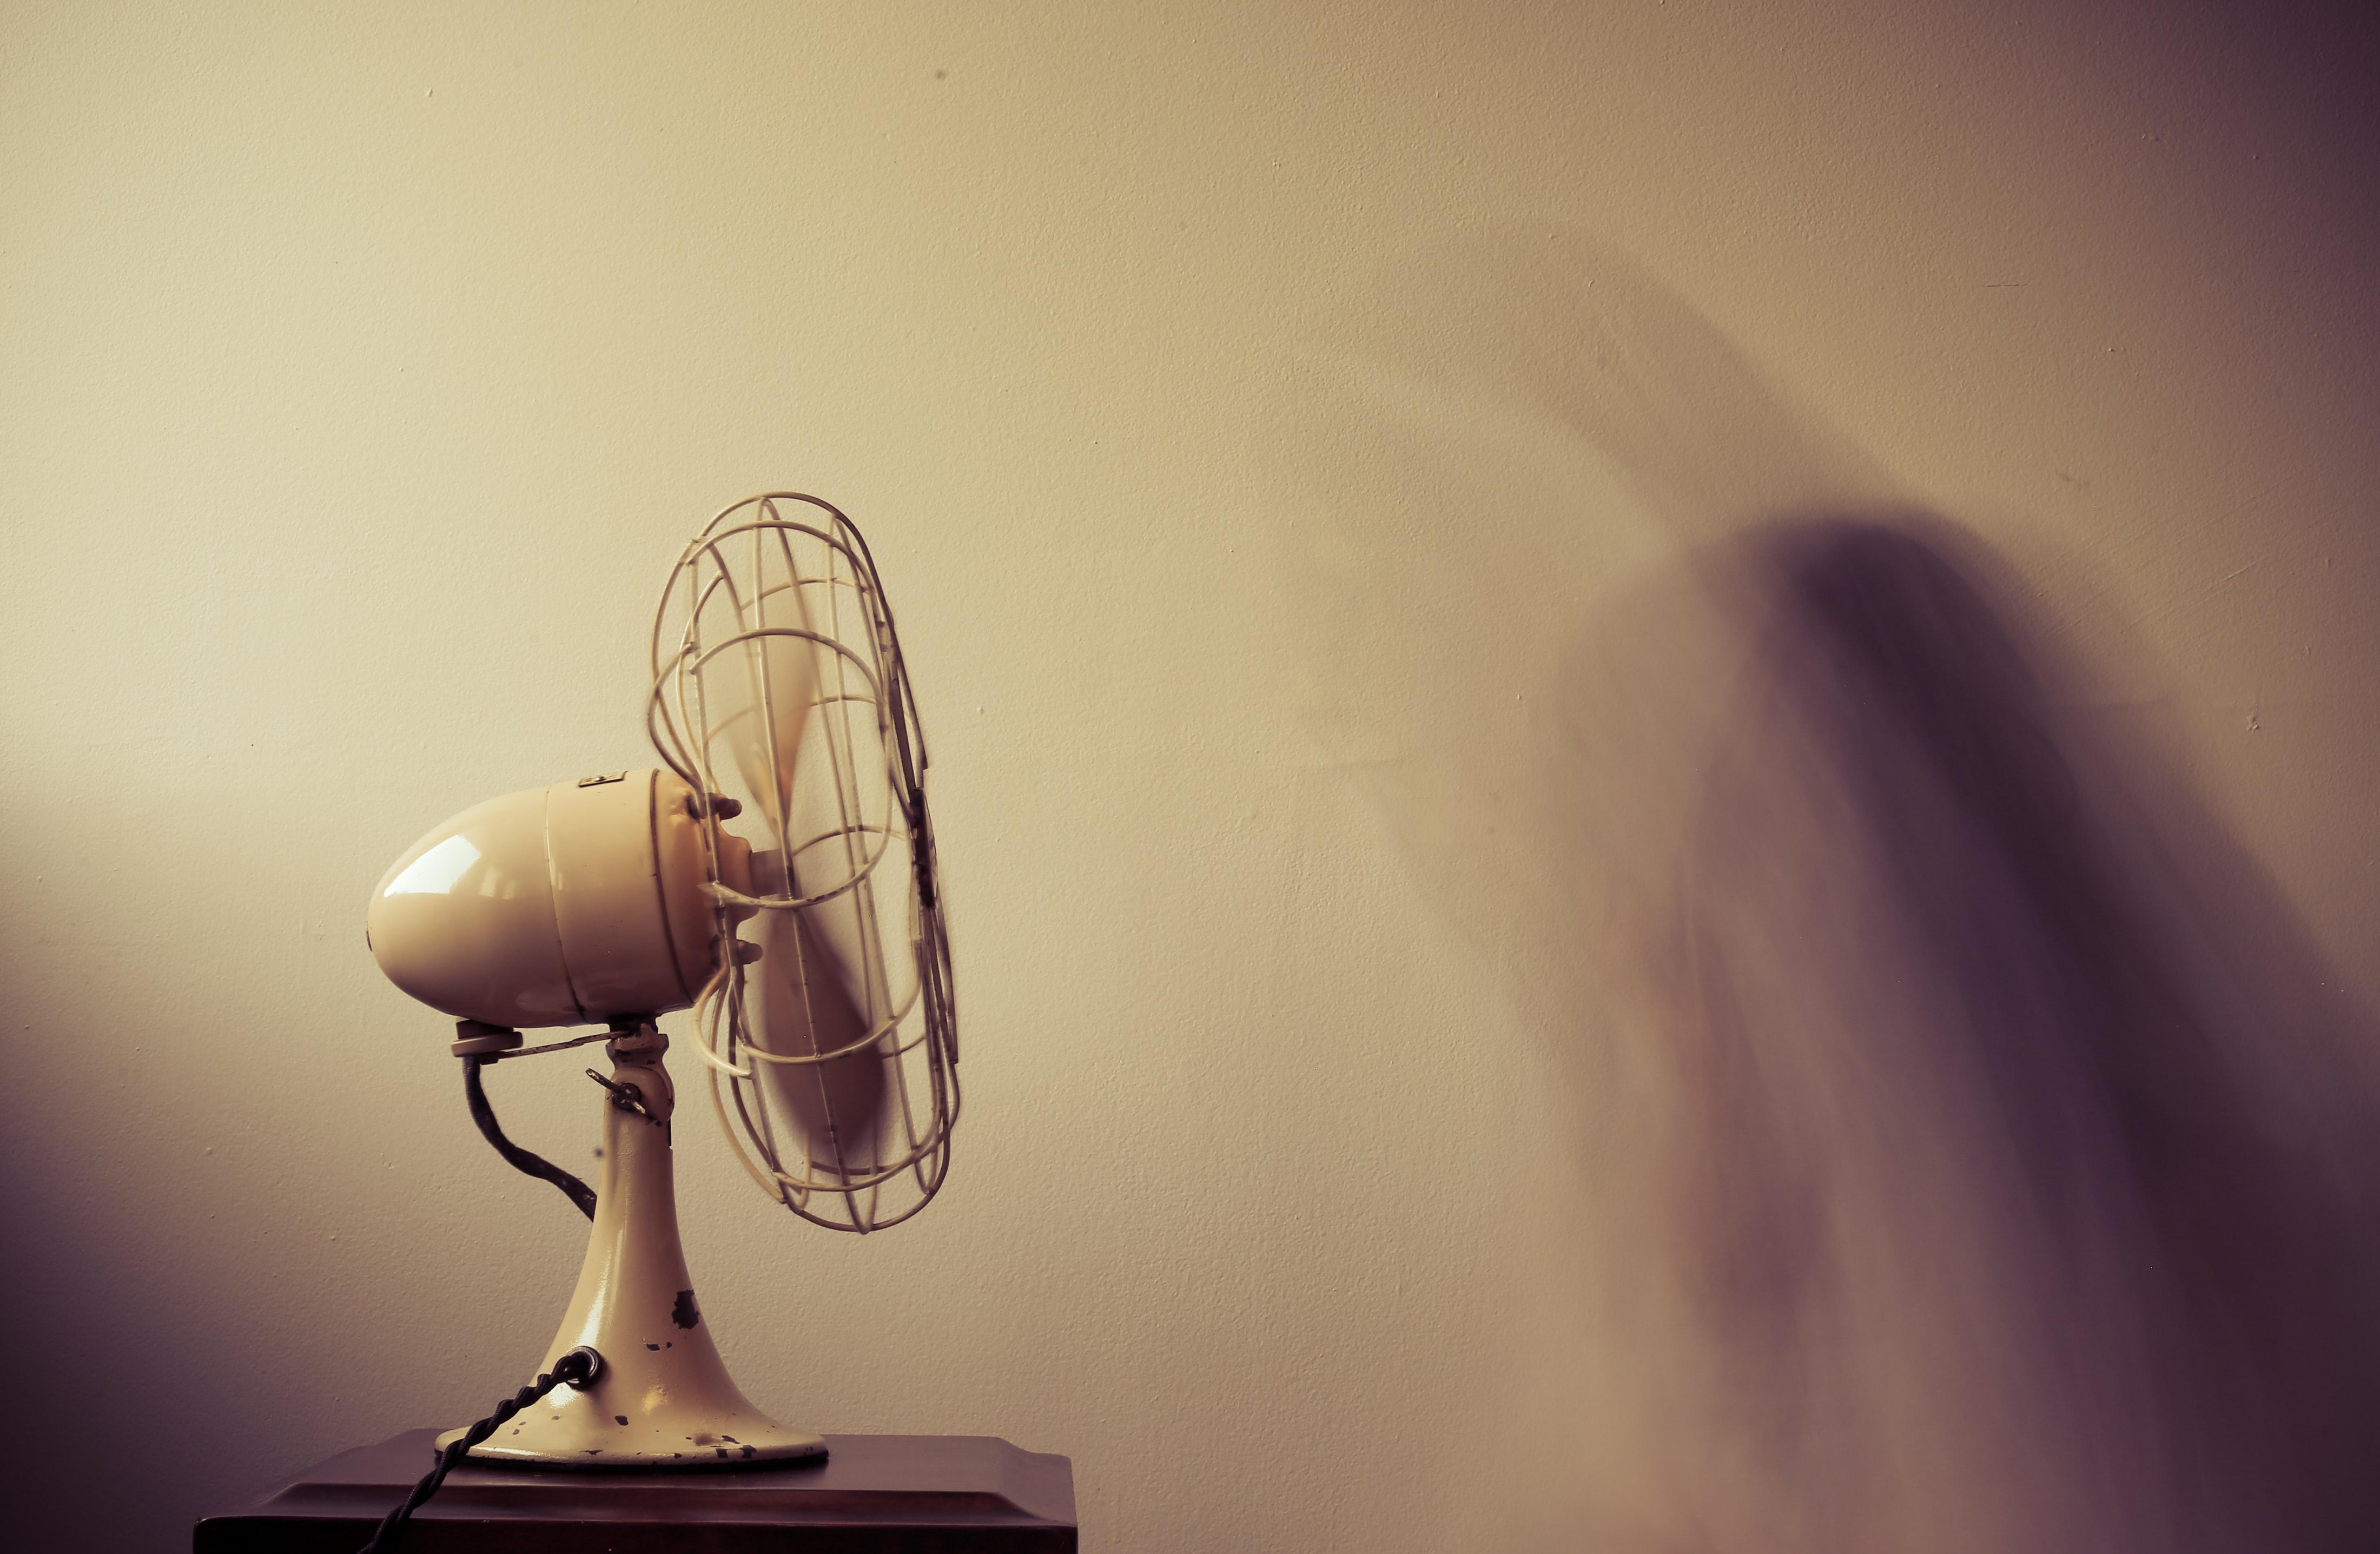 Mudanças climáticas, calor extremo e saúde